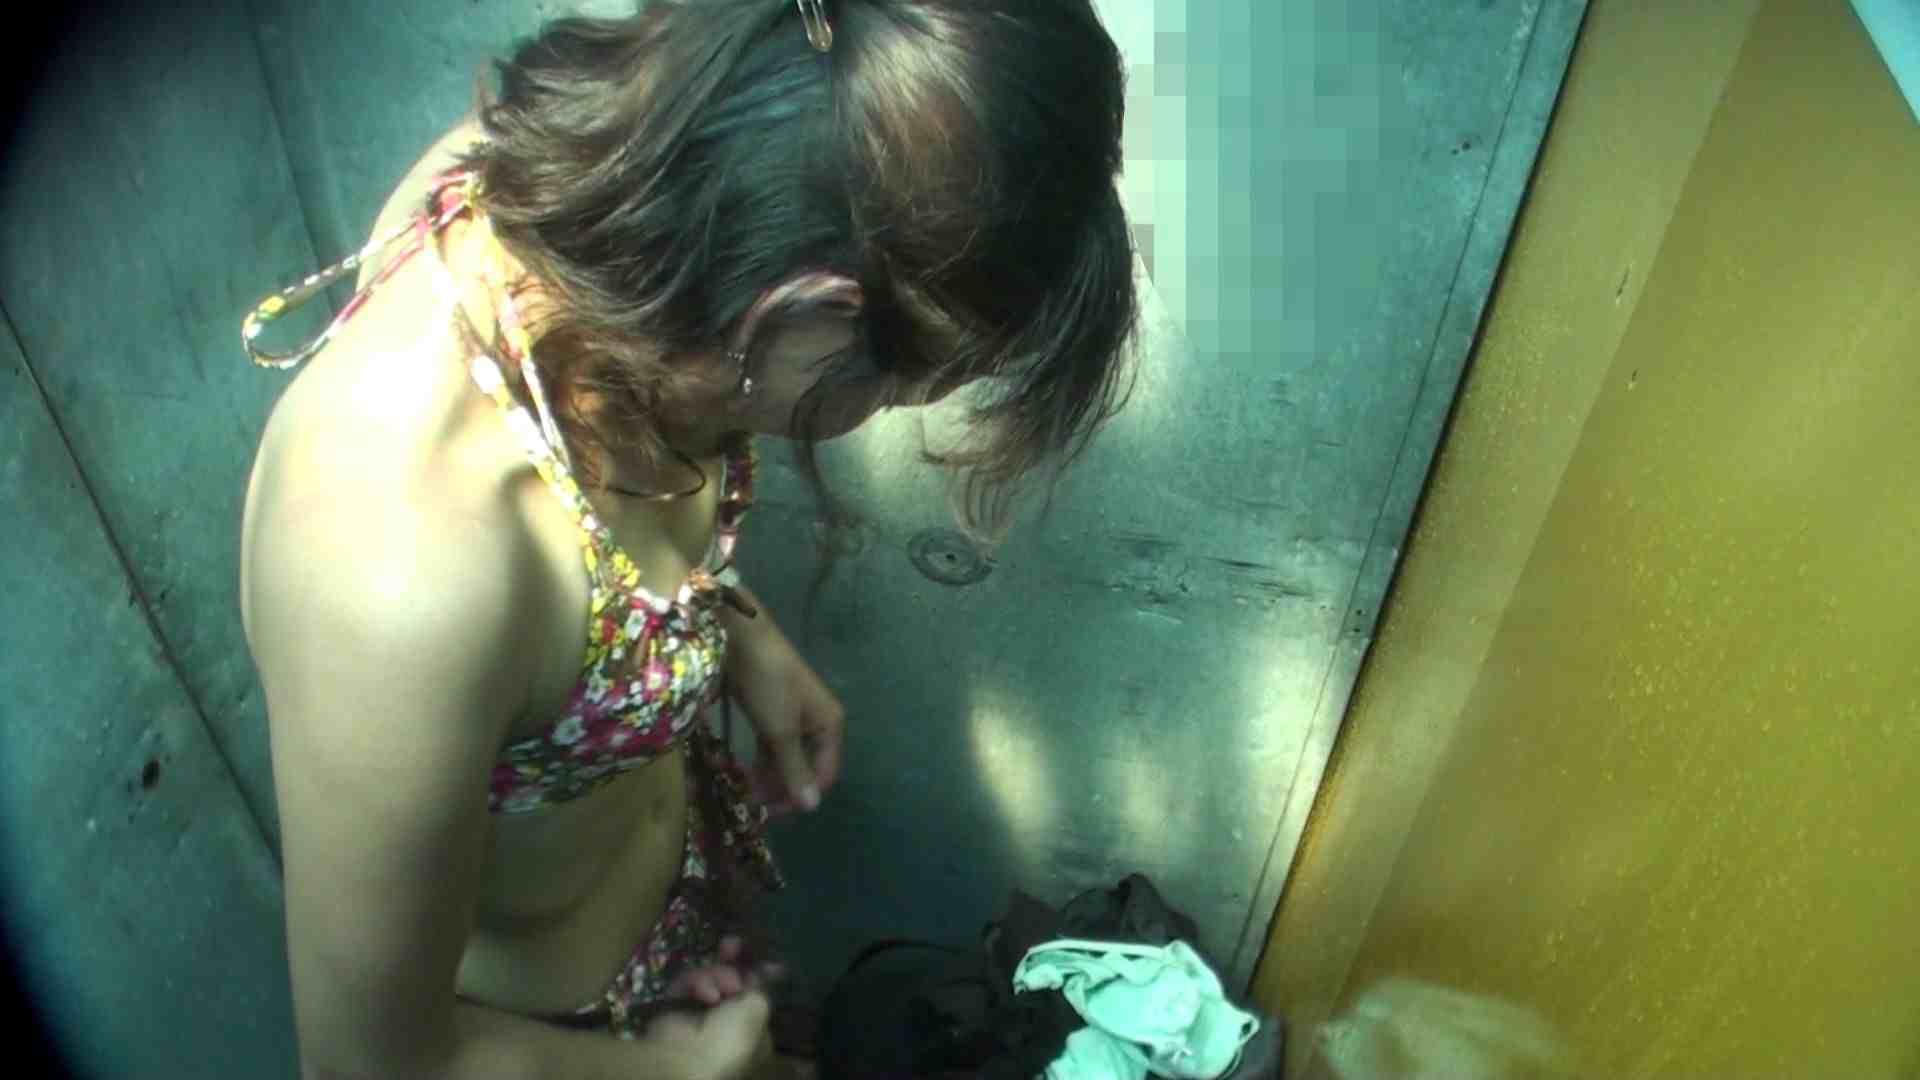 シャワールームは超!!危険な香りVol.16 意外に乳首は年増のそれ チクビ 盗撮画像 105画像 52